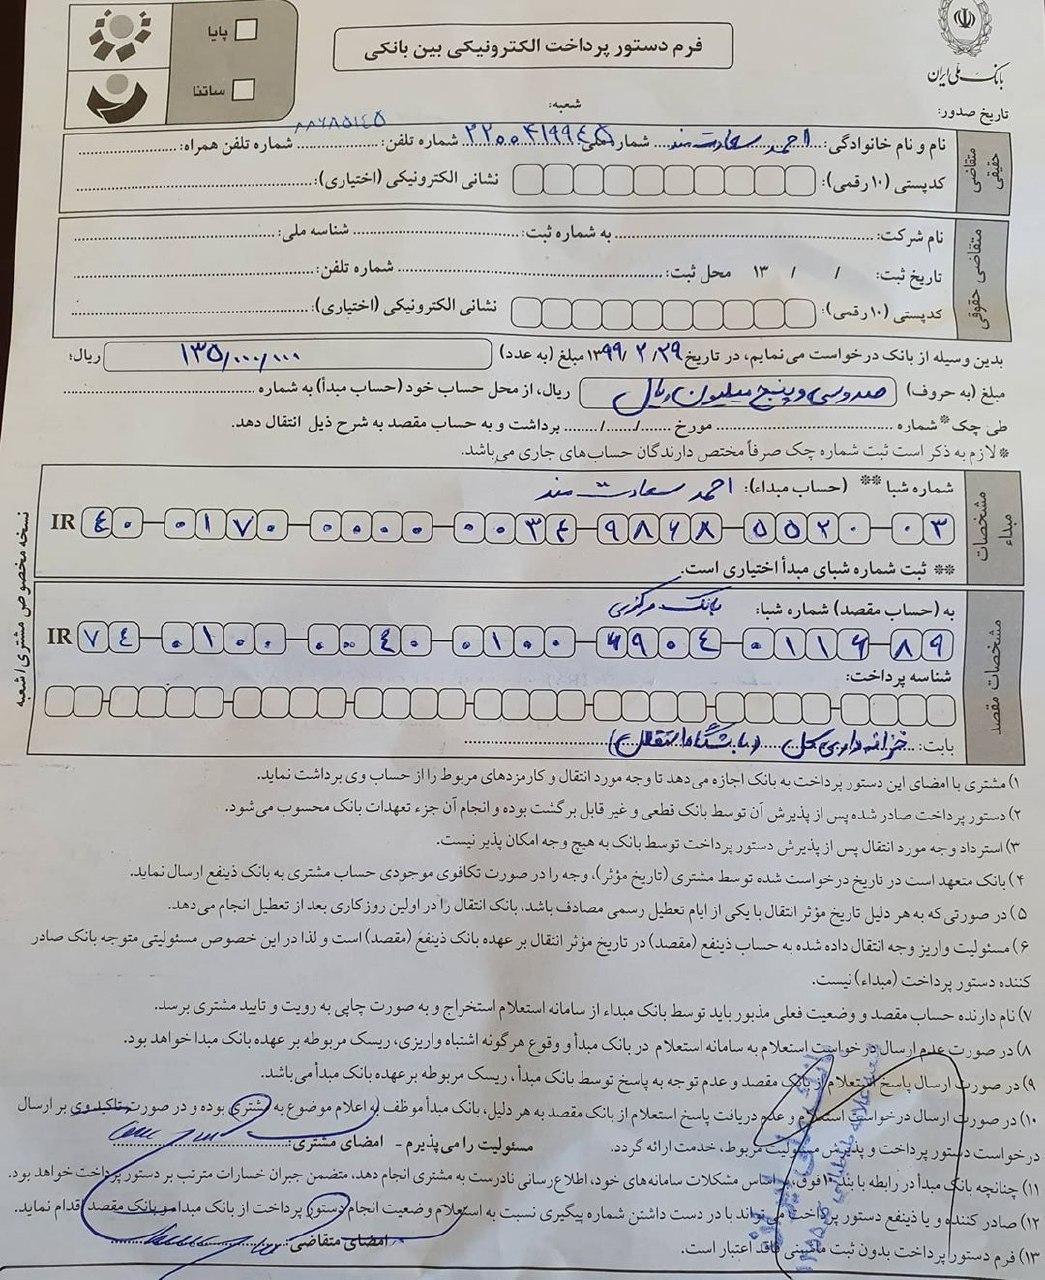 (عکس) رونمایی از فیش حقوقی مدیرعامل استقلال تهران